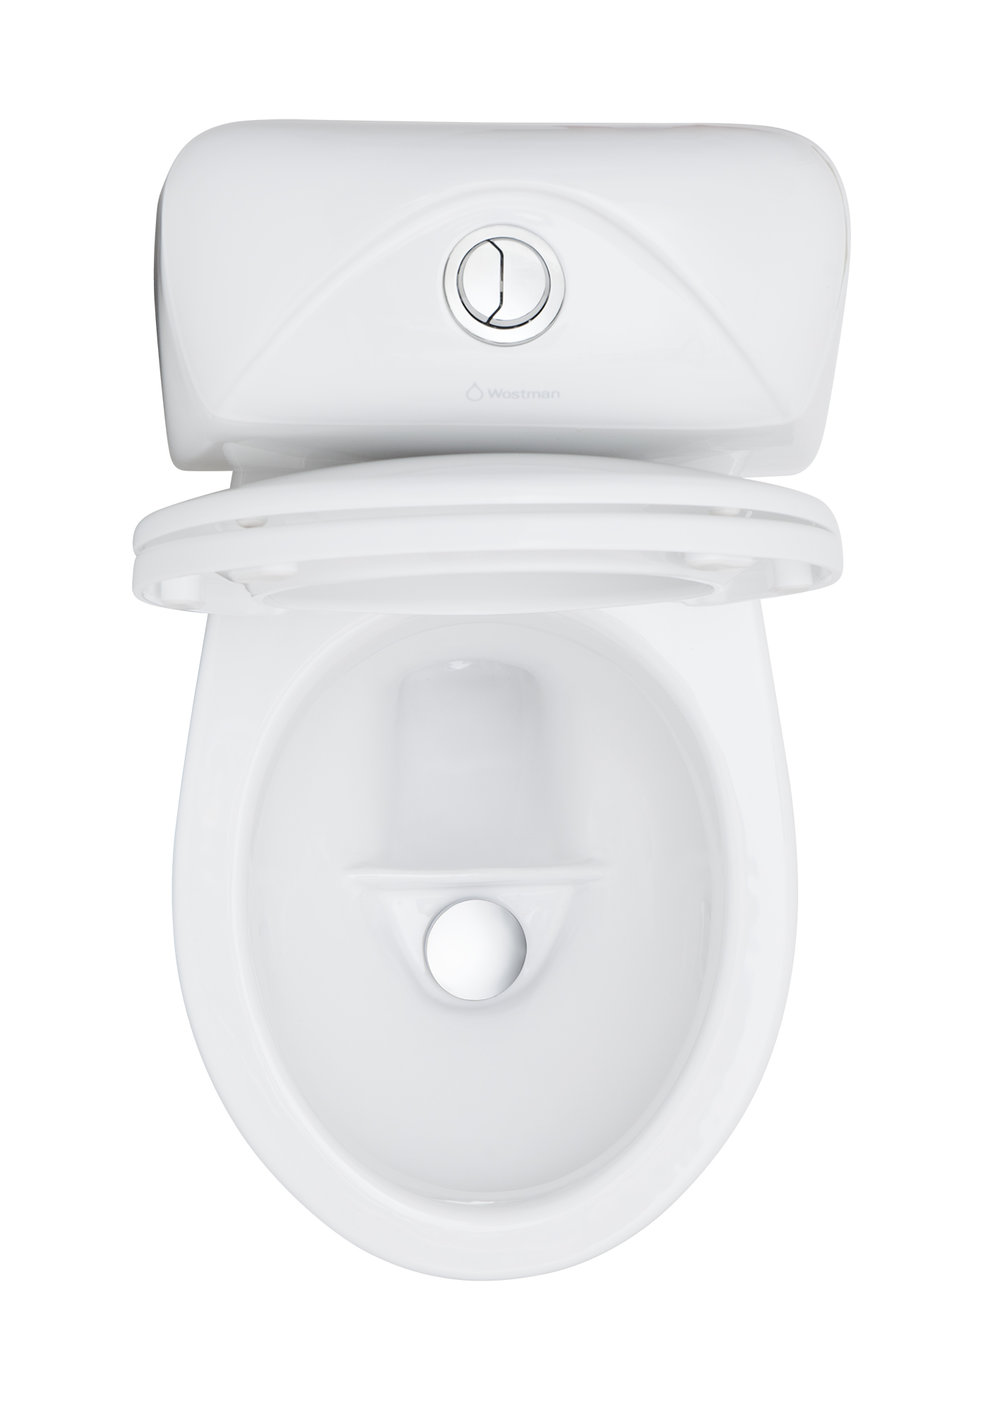 Den smidigaste och mest snålspolande WC:n på marknaden. - EcoFlush är omsorgsfullt designad och vidareutvecklad i många år med målet att vara en så vanlig toalett som möjligt men spara så mycket vatten som det går.EcoFlush används alltid sittande och I den främre lilla urinskålen rinner urinen ner runt det kromade locket. Spolningen sköljer sen över den lilla kanten och gör hela skålen fräsch oavsett om du använder den lilla eller stora spolknappen.Dubbel-spolande toaletter kan spara en liten mängd vatten, men en urinsorterande toalett med dubbel-spolning ger upp till 10 ggr större skillnad för att spara vatten.Se videon ovan för en bättre titt.